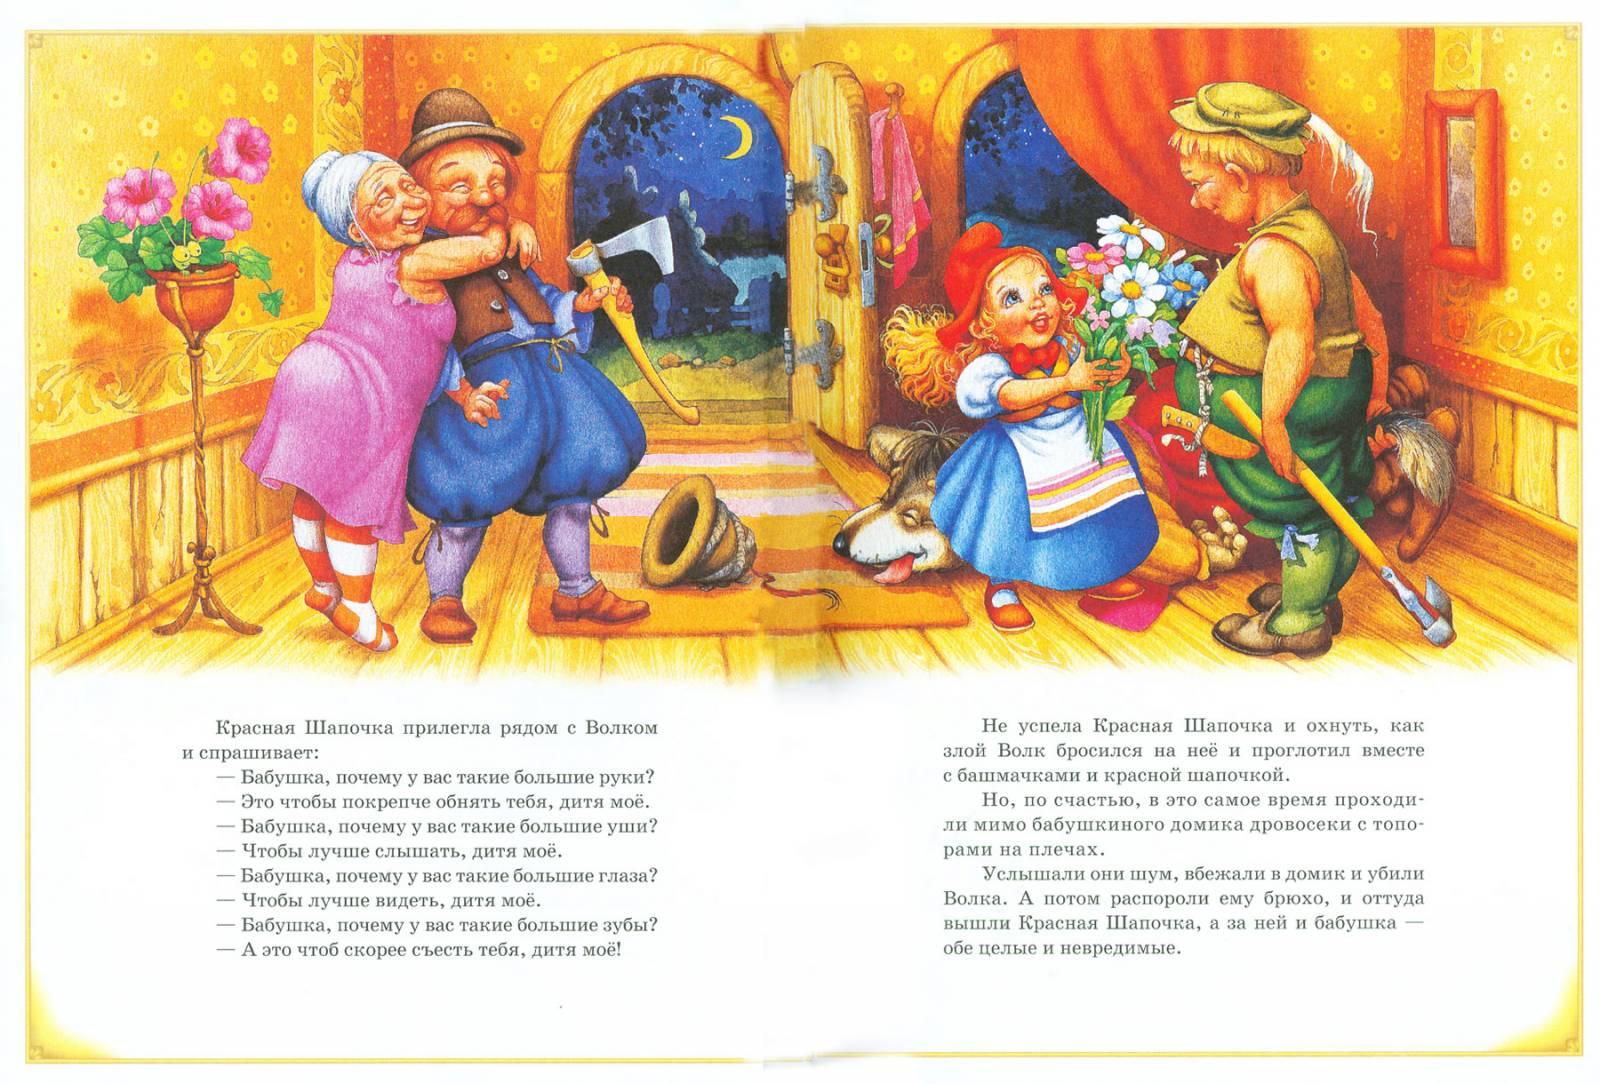 Сценарий сказка красная шапочка на английском языке